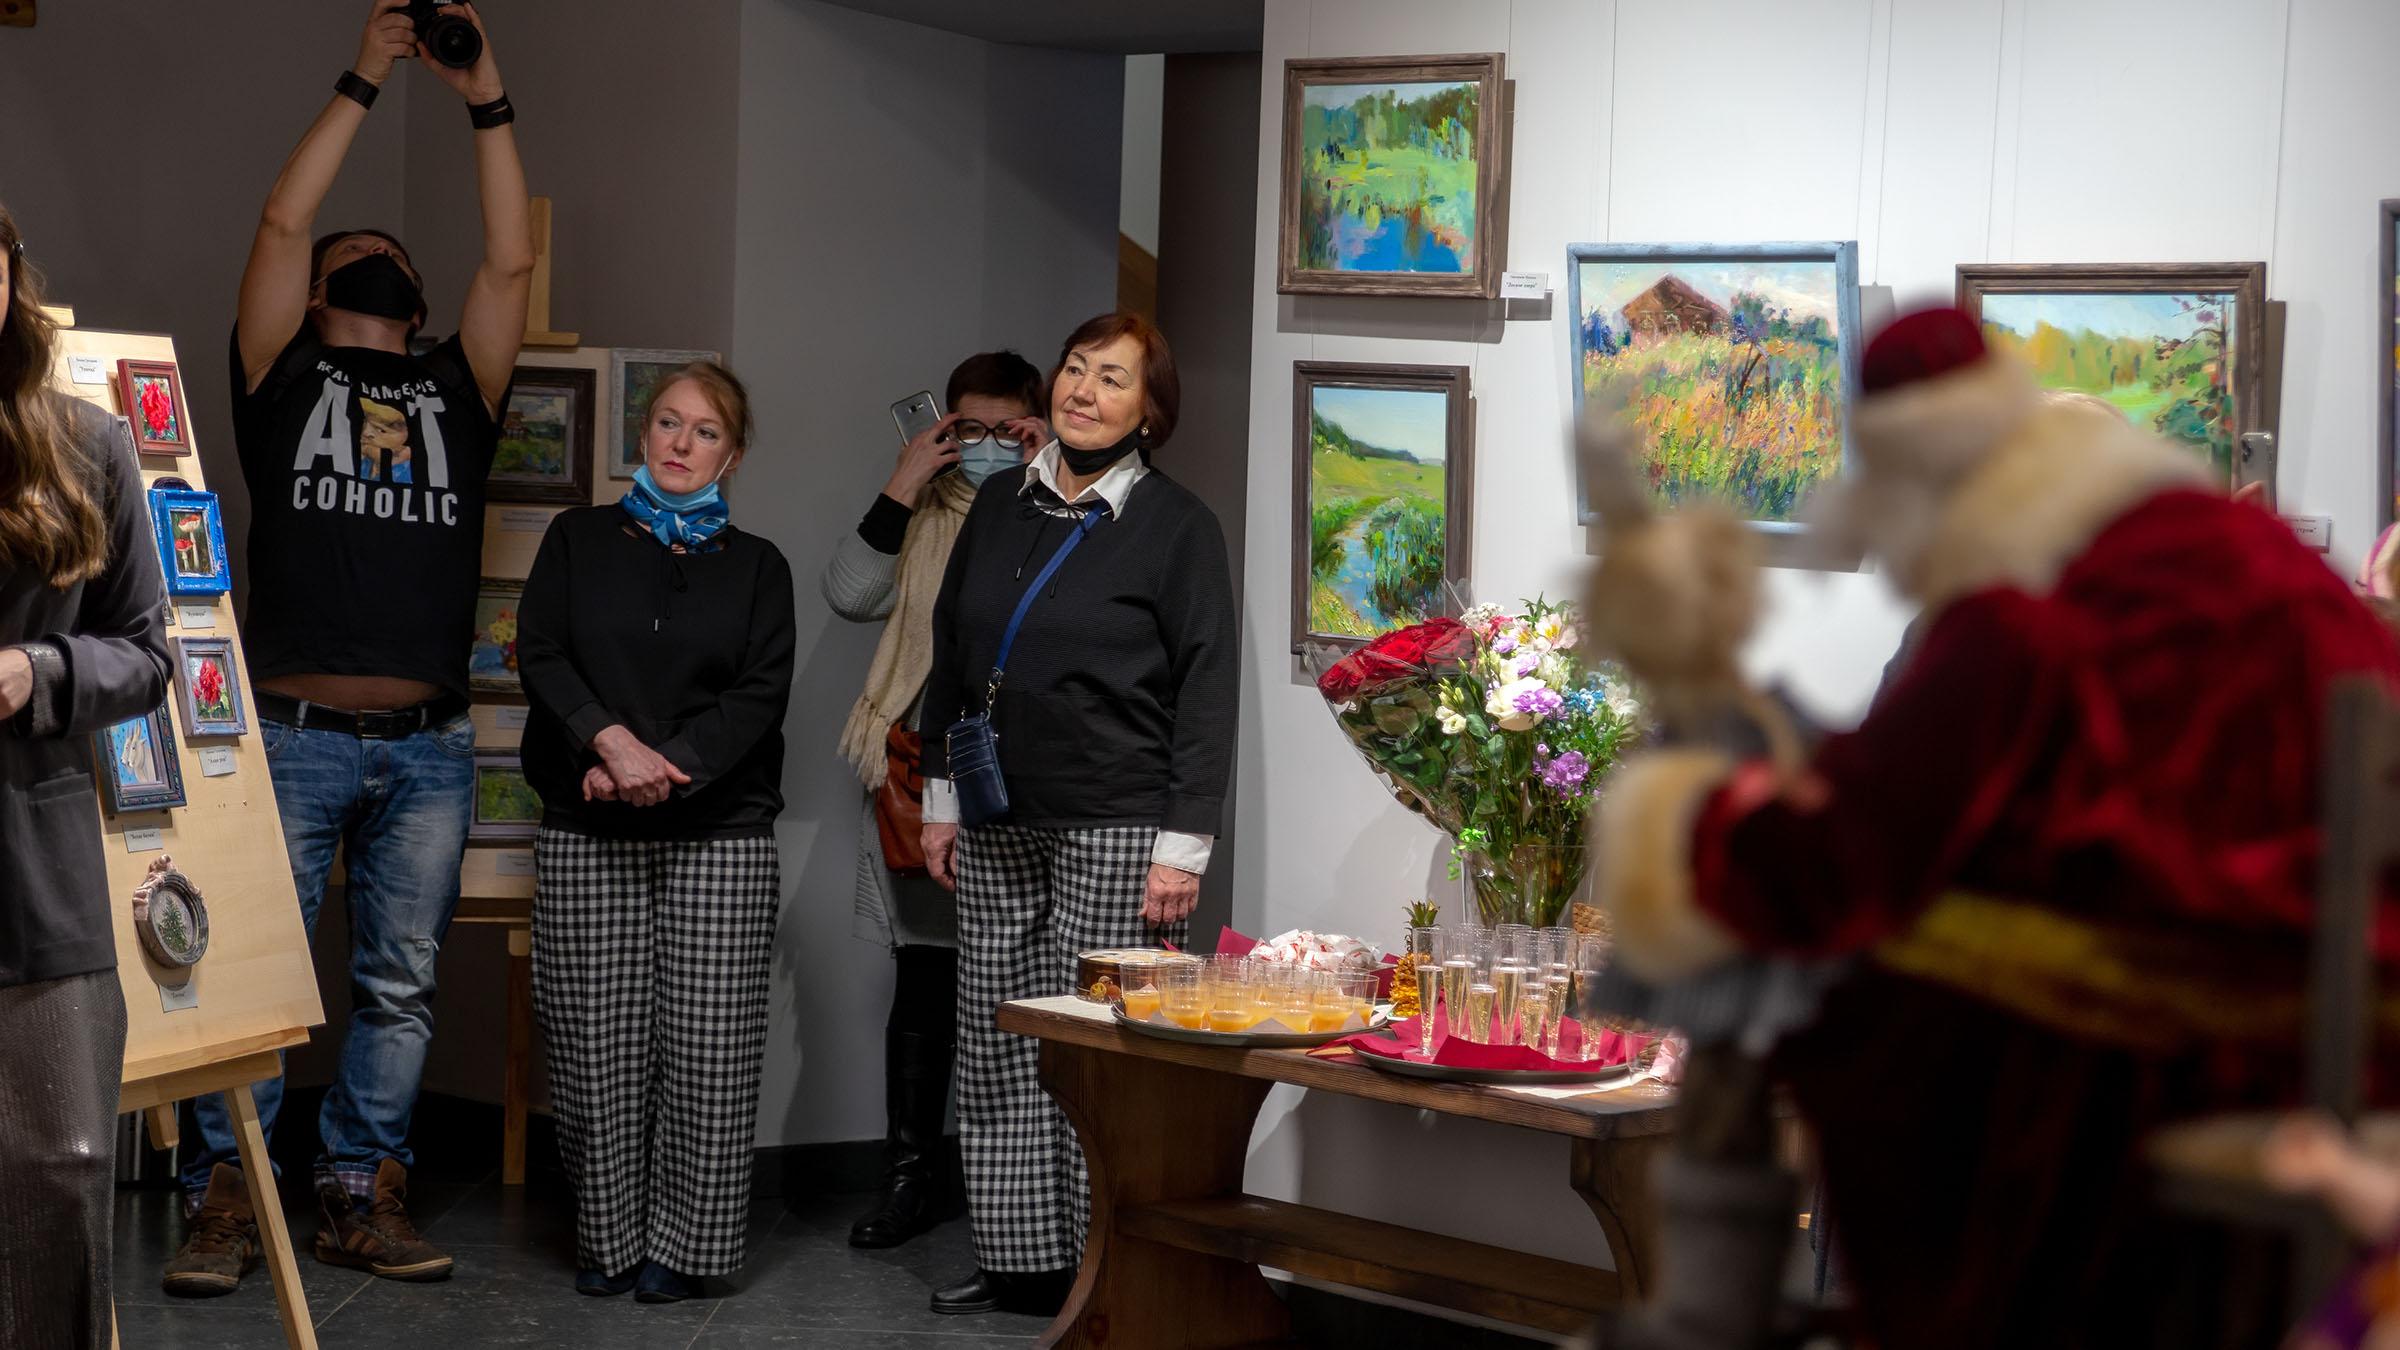 На открытии выставки «Сентиментальное путешествие»::Сентиментальное настроение (Дуэт АняМаня, Н. Григорьева)